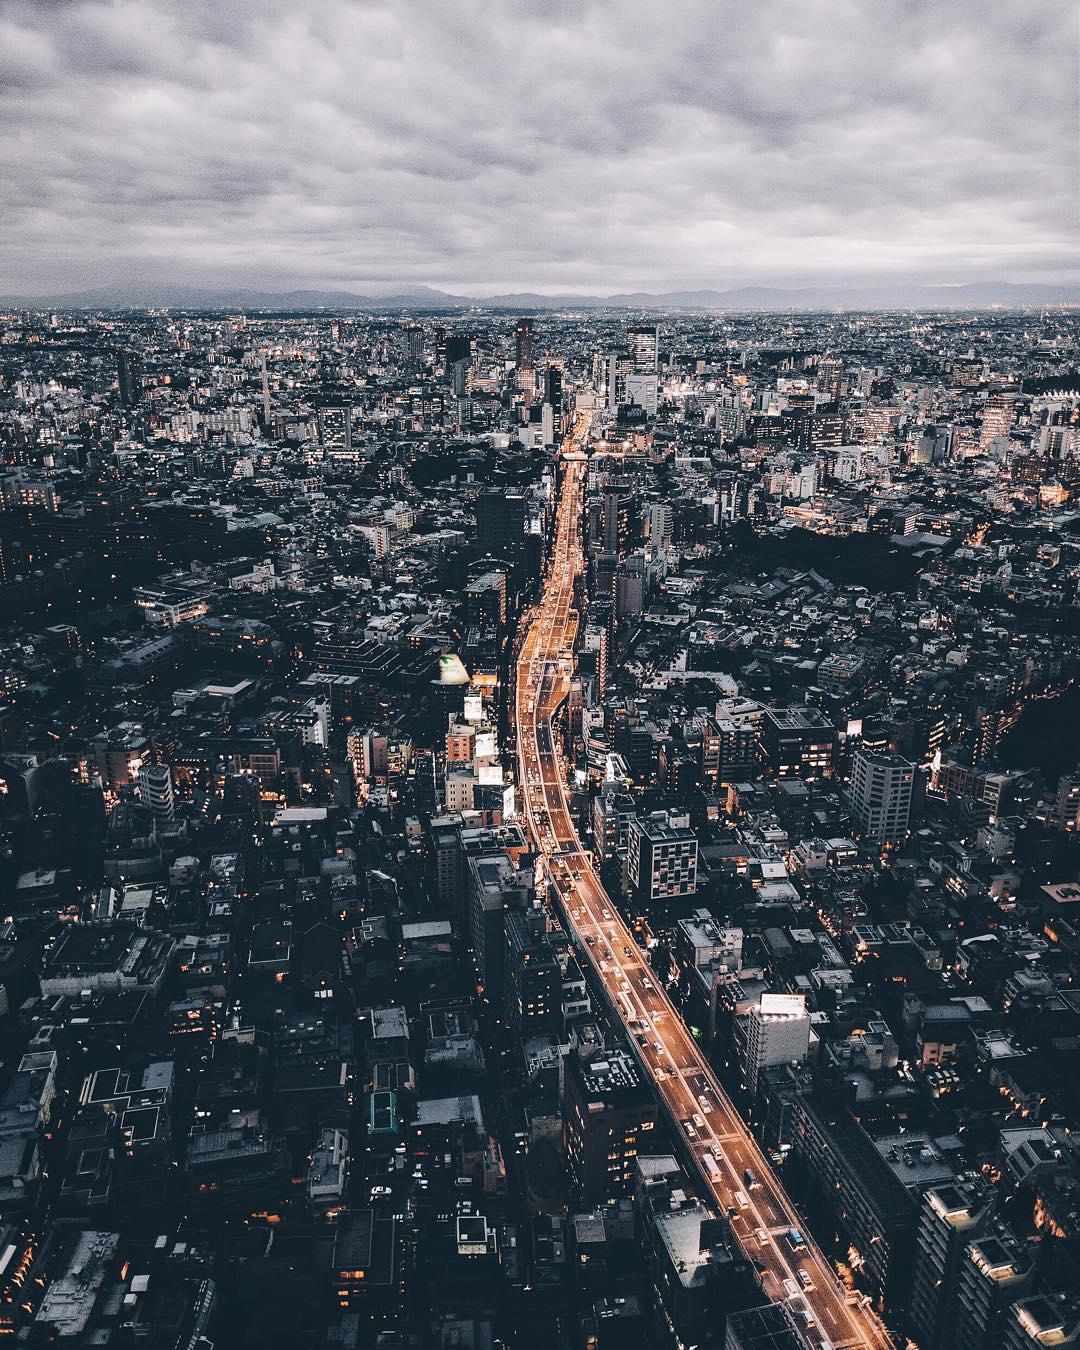 Urban Instagrams by Merlin Kafka